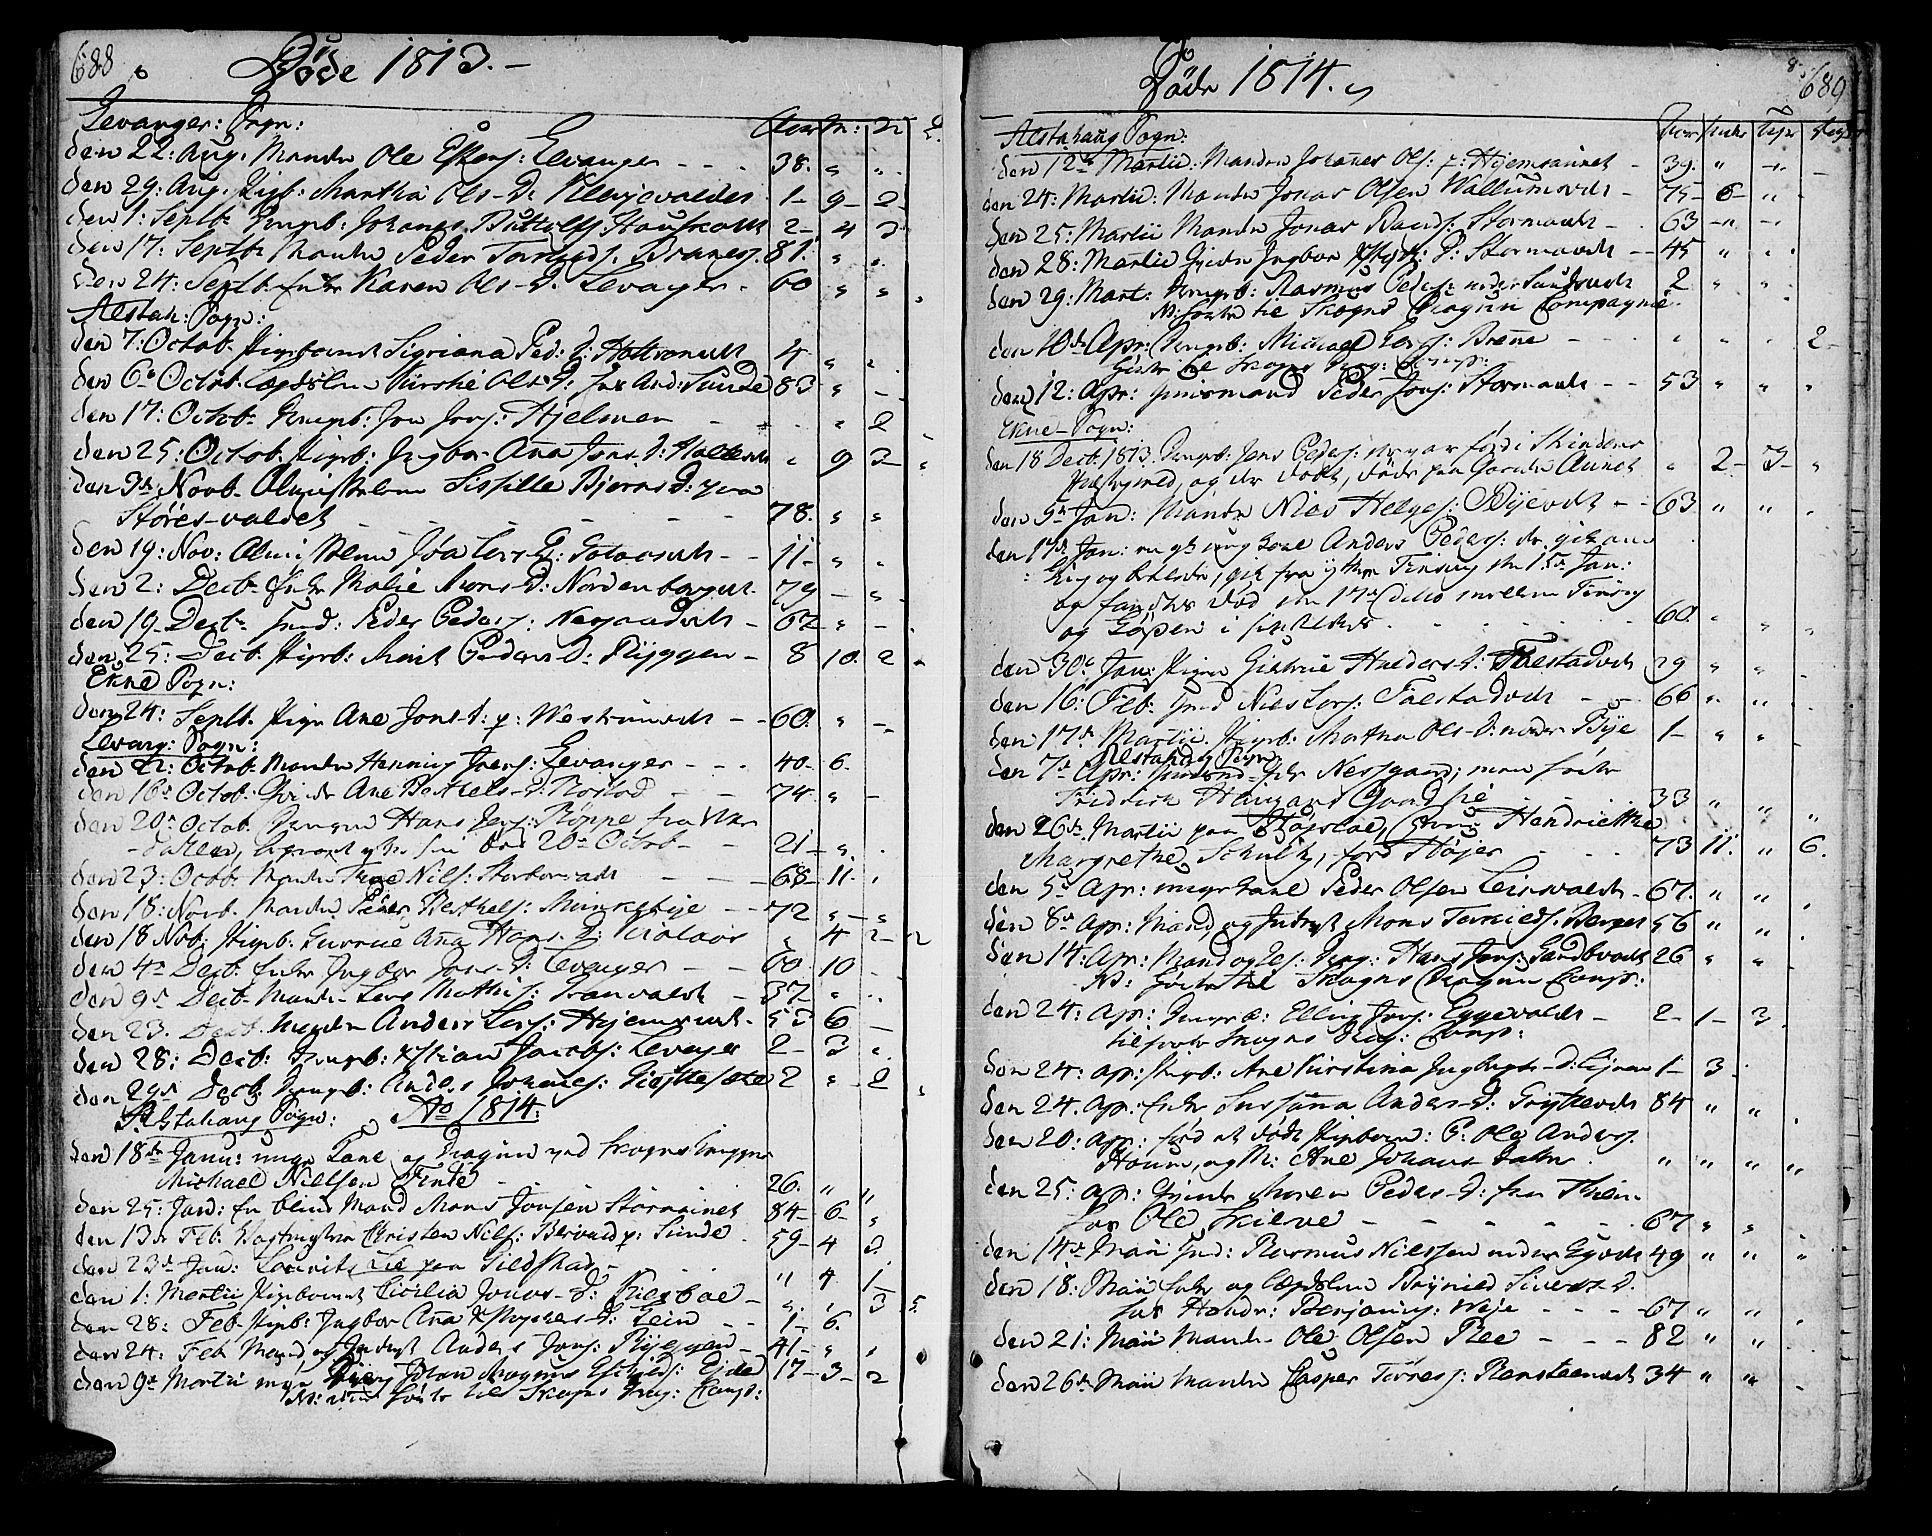 SAT, Ministerialprotokoller, klokkerbøker og fødselsregistre - Nord-Trøndelag, 717/L0145: Ministerialbok nr. 717A03 /1, 1810-1815, s. 688-689